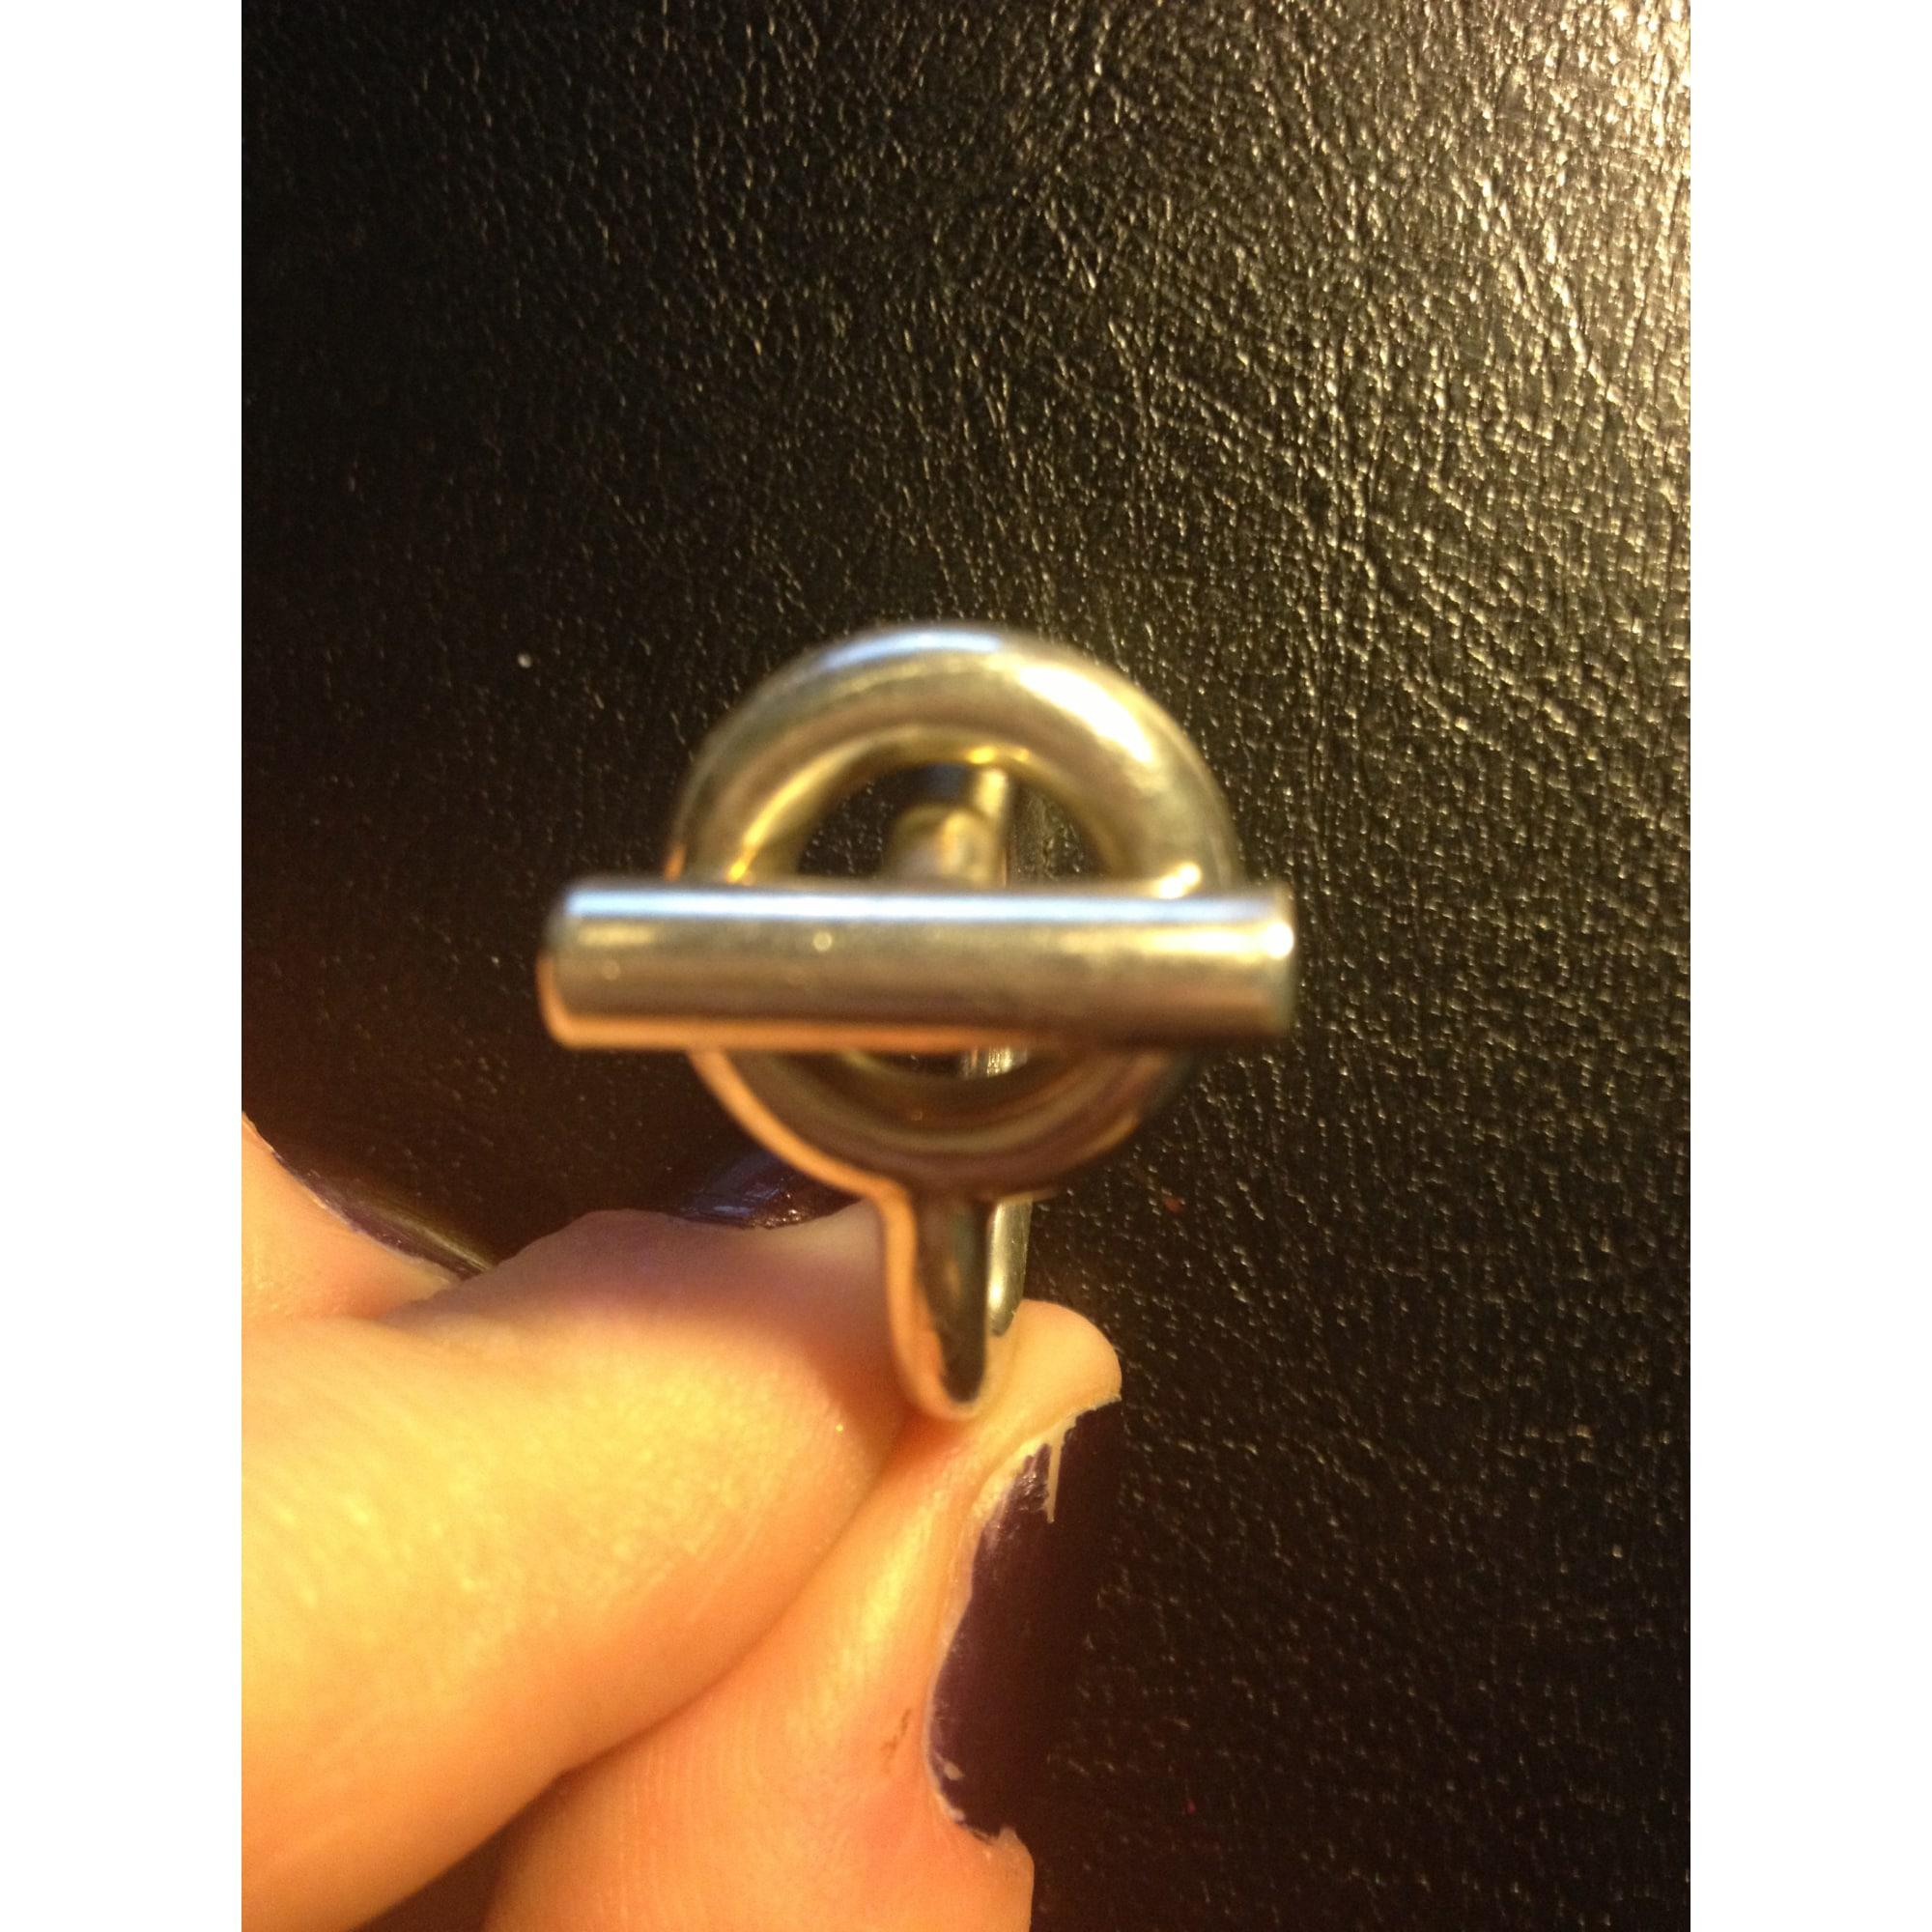 9e2b6ac8aa0c Bague HERMÈS 58 argenté vendu par Cha 13854 - 987732